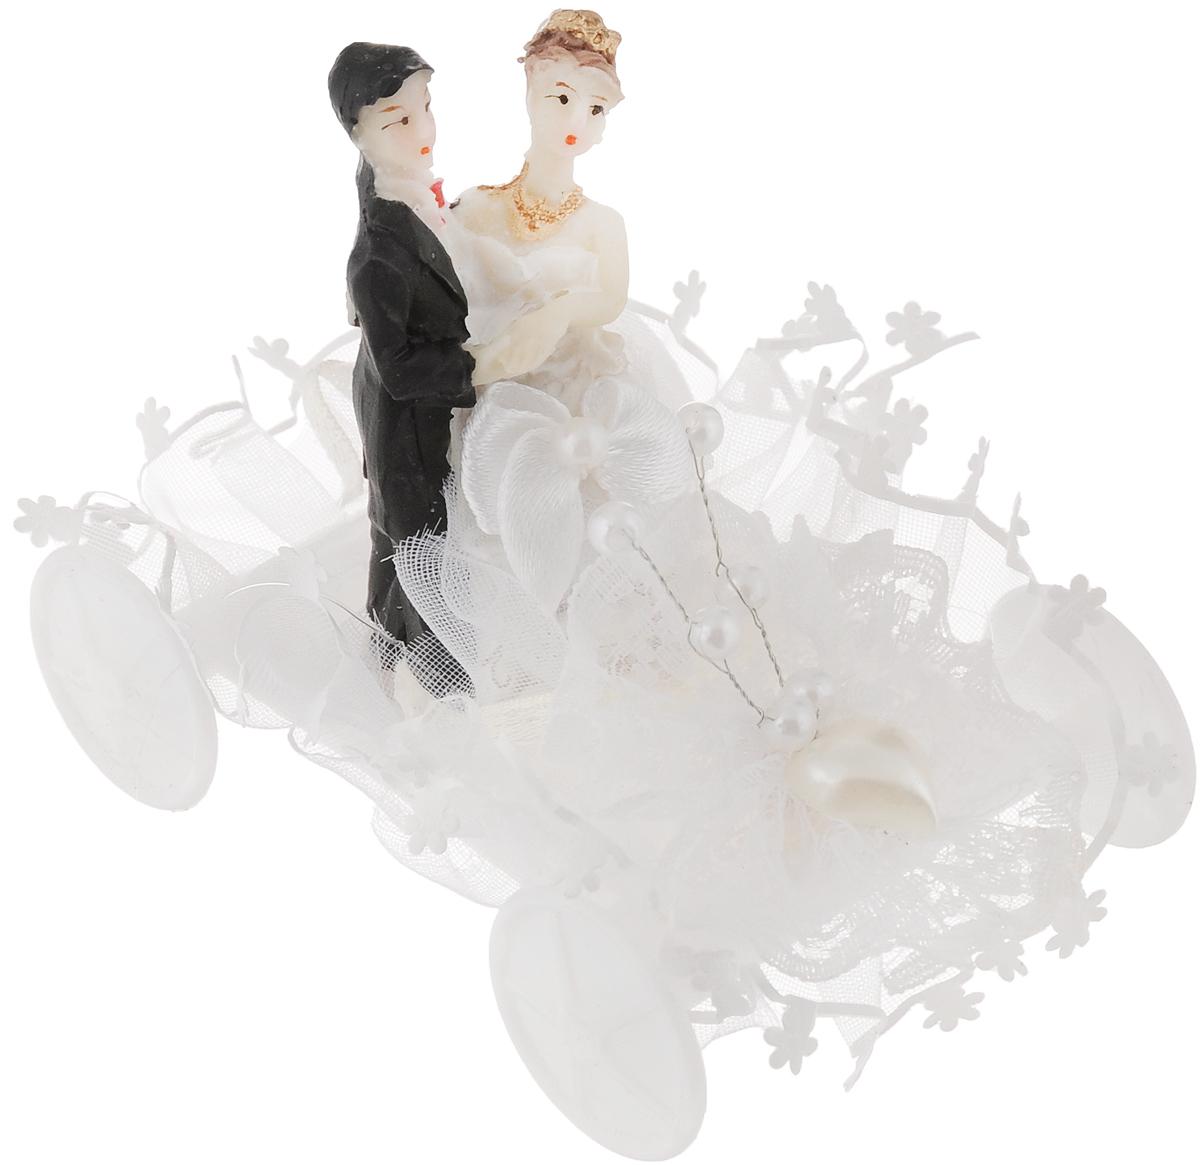 Свадебная фигурка на торт Принт Торг Жених и невеста на машине, высота 6,5 см94.006FФигурка Принт Торг Жених и невеста на машине прекрасно подойдет для оформления свадебного торта. Украшение выполнено в виде молодоженов на машине. Такая фигурка подчеркнет индивидуальность вашей пары и станет приятным воспоминанием о торжестве.